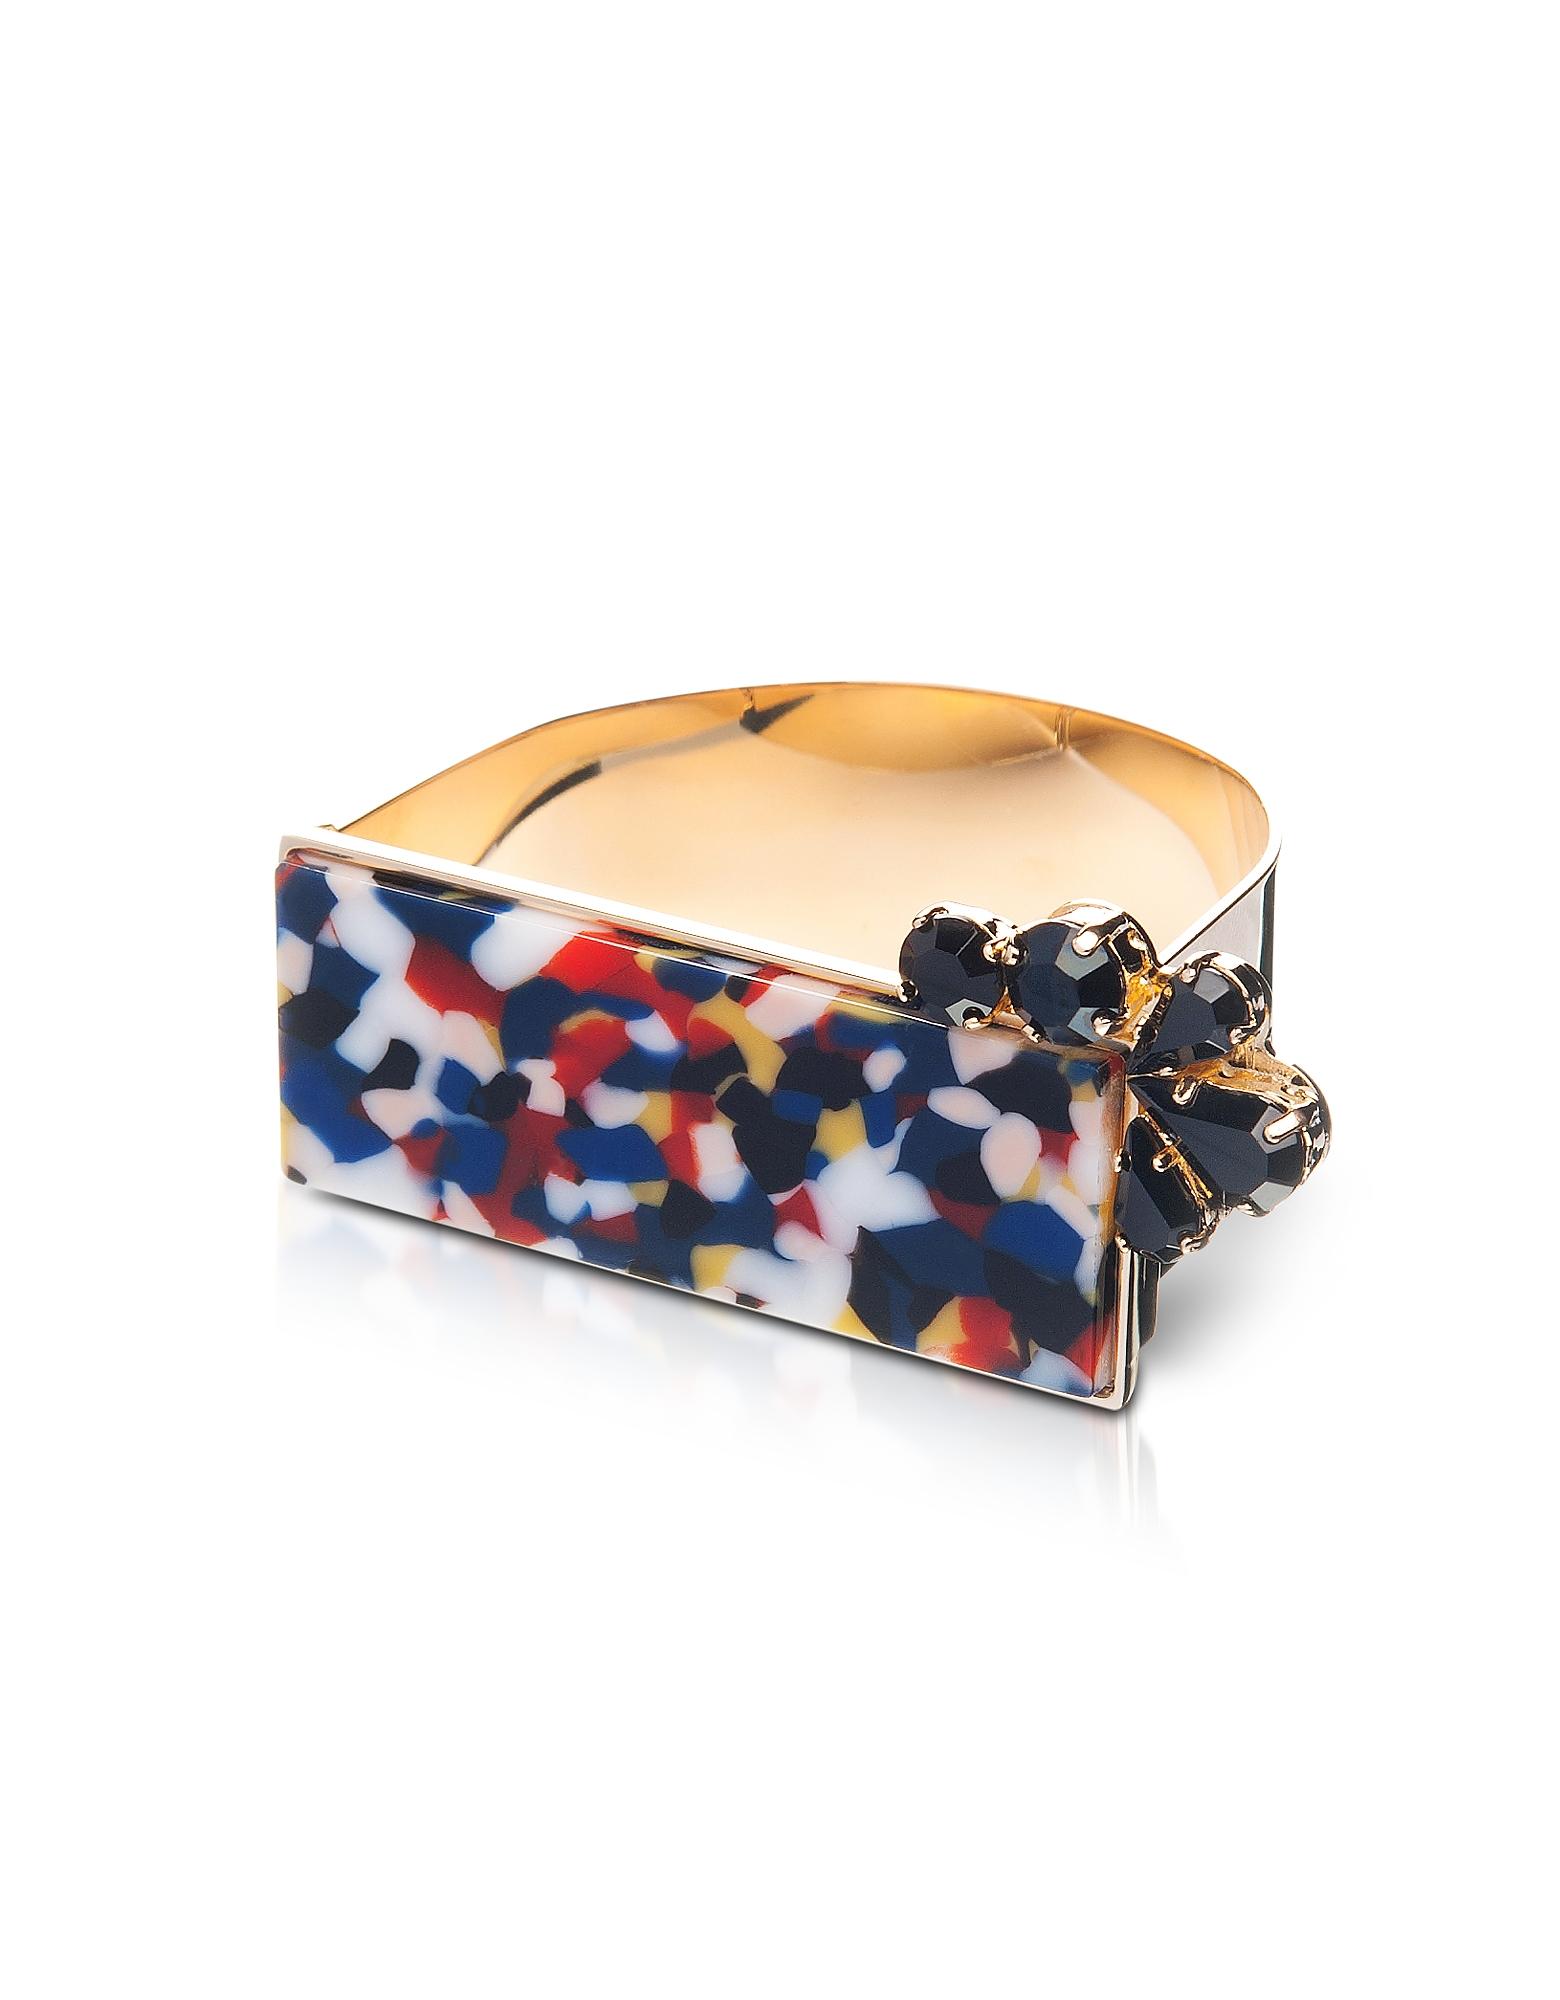 Arlequin - Золотистый Браслет Манжета из Меди с Разноцветным Верхом и Черными Кристаллами